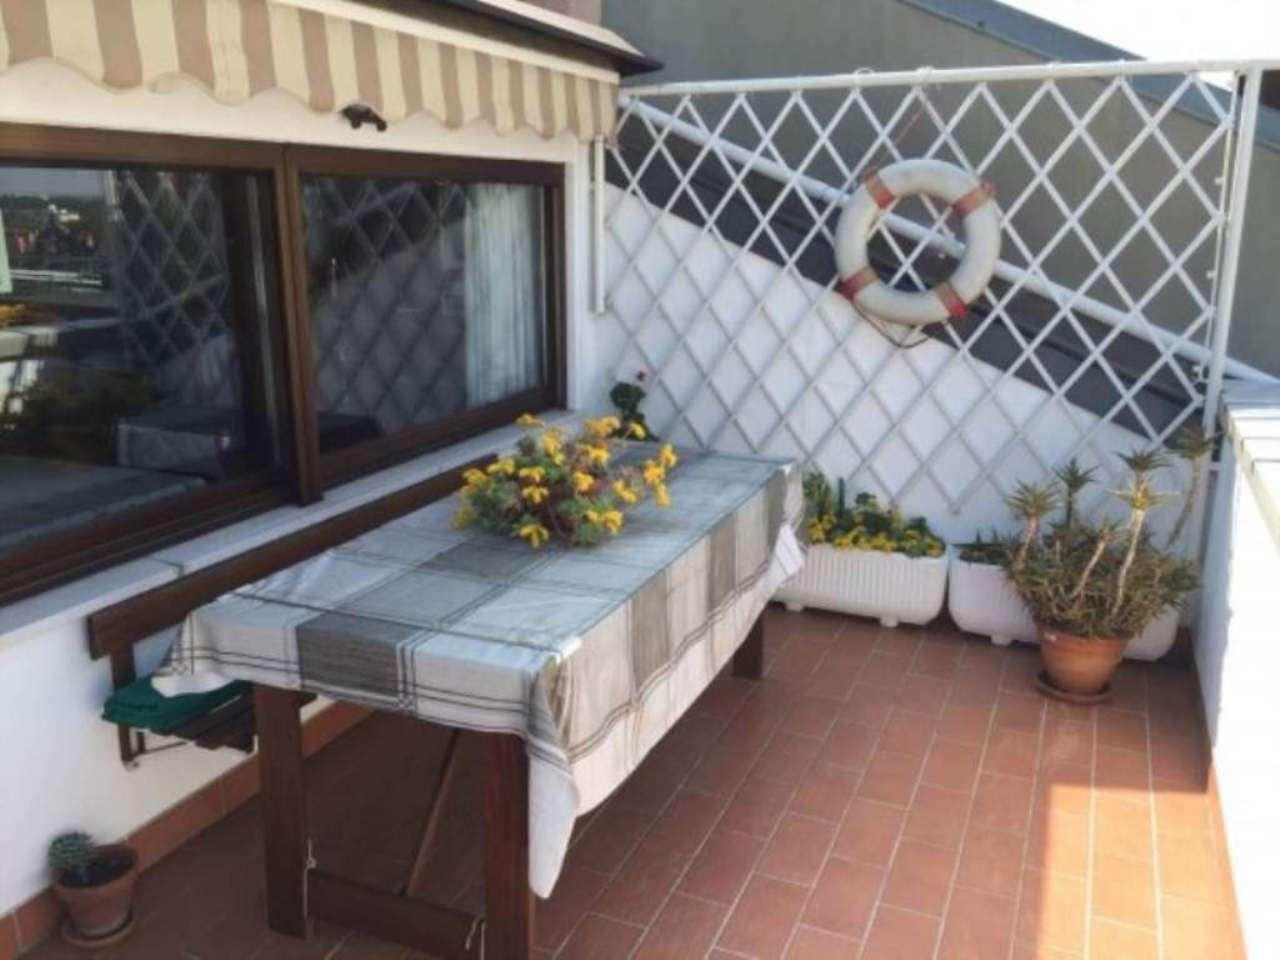 Appartamento in vendita a Venezia, 3 locali, zona Zona: 11 . Mestre, prezzo € 135.000 | Cambio Casa.it